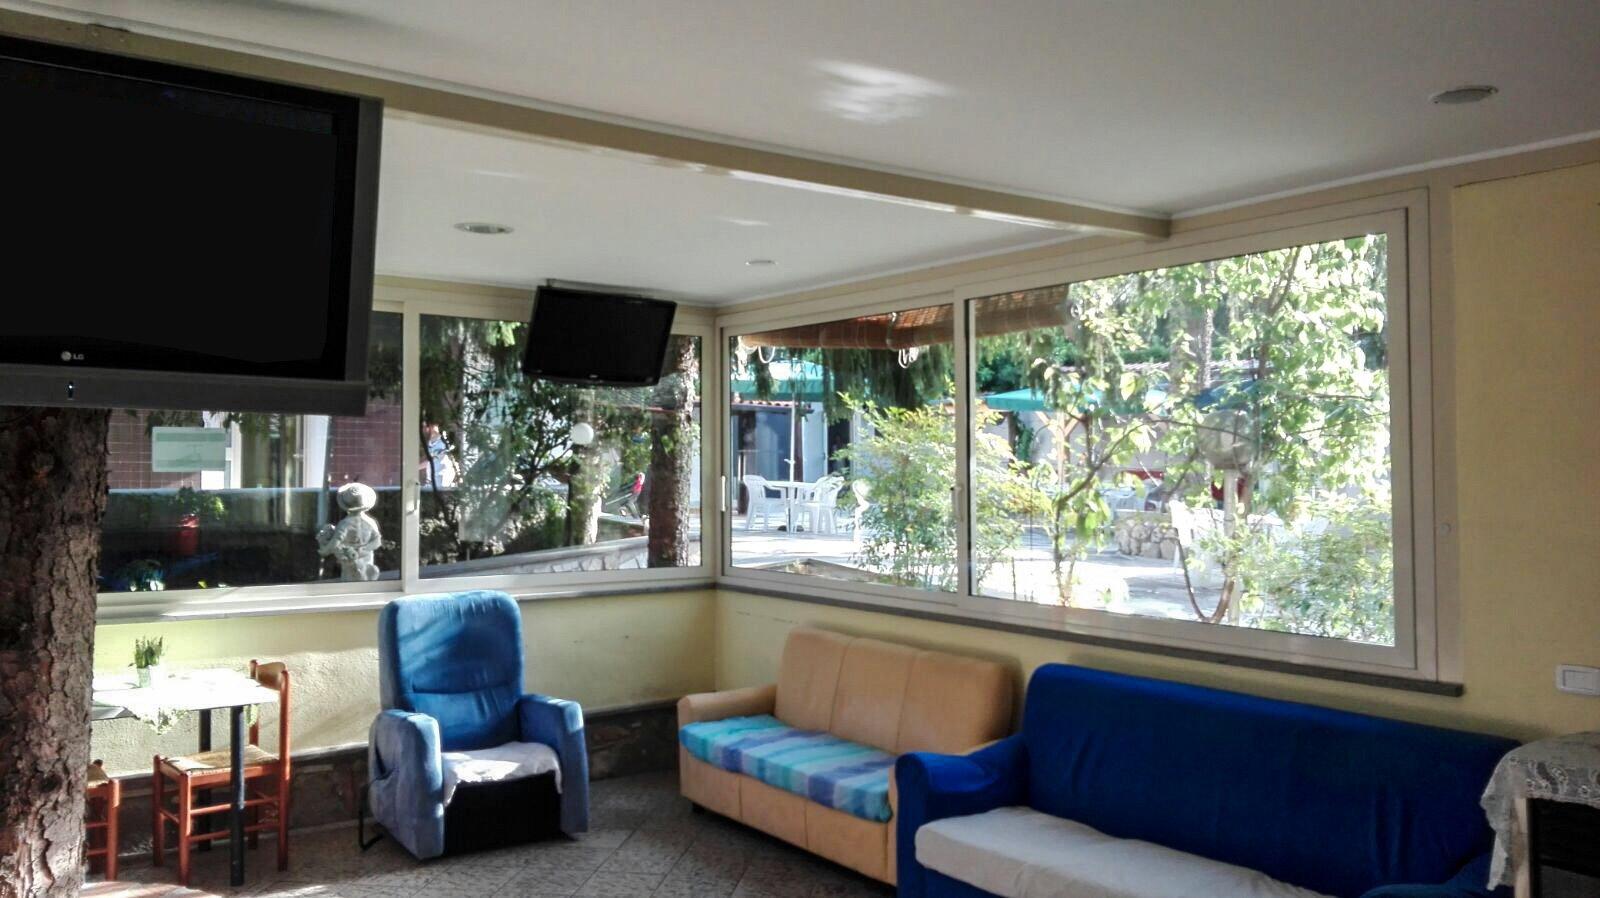 divani blu e finestroni